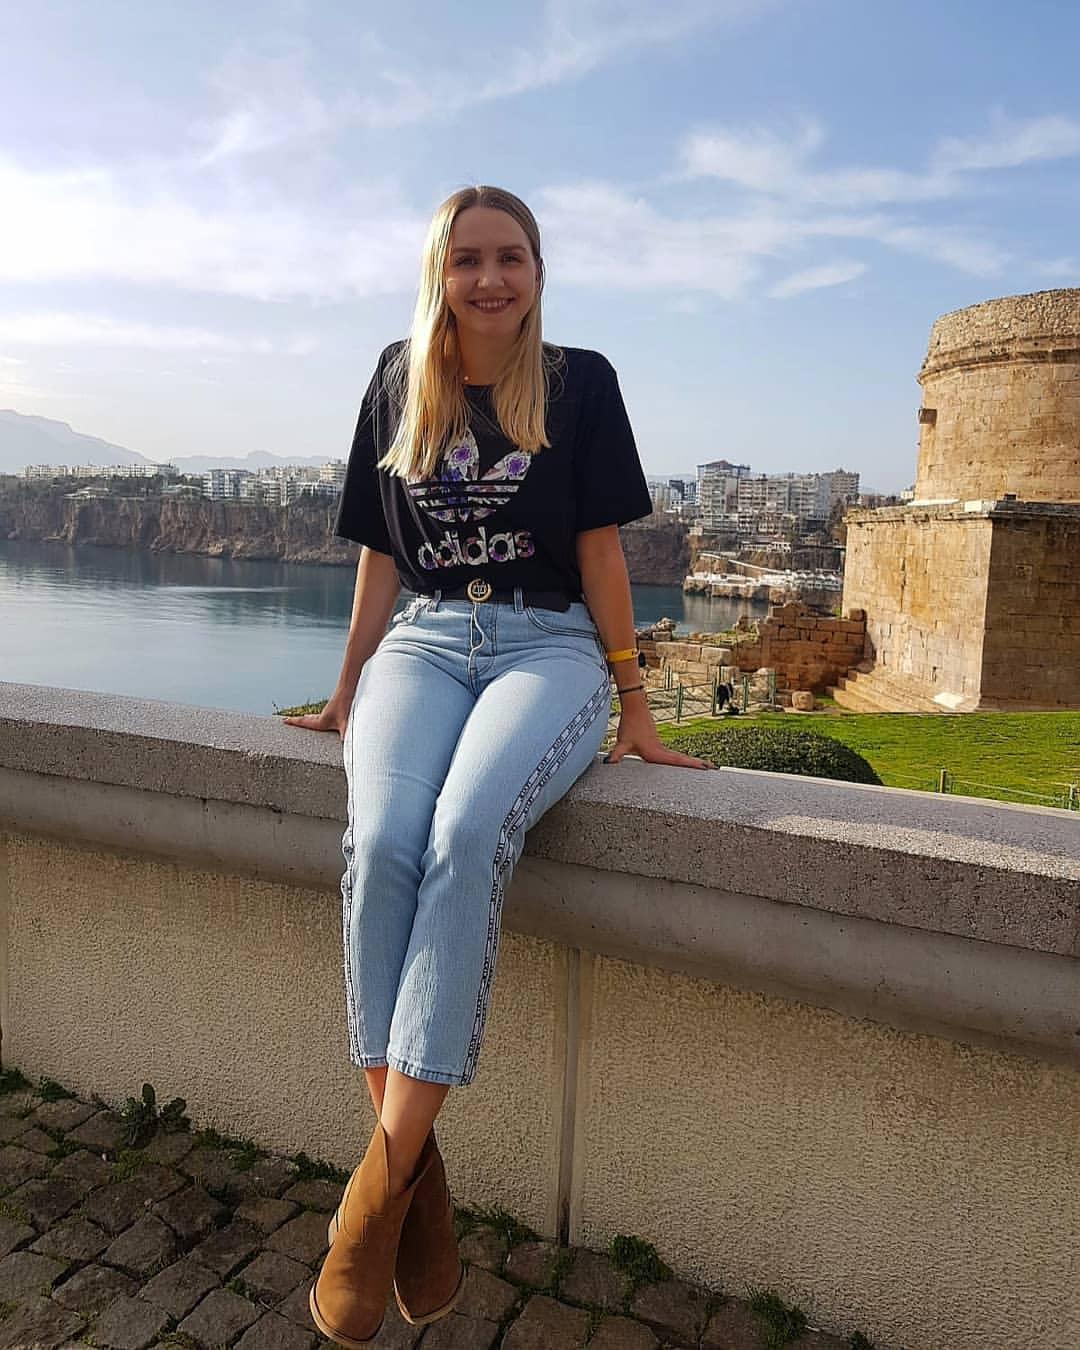 Наталья Садовская – очаровательная чемпионка мира по шашкам. Она убрала флаг Польши в знак в солидарности с россиянкой